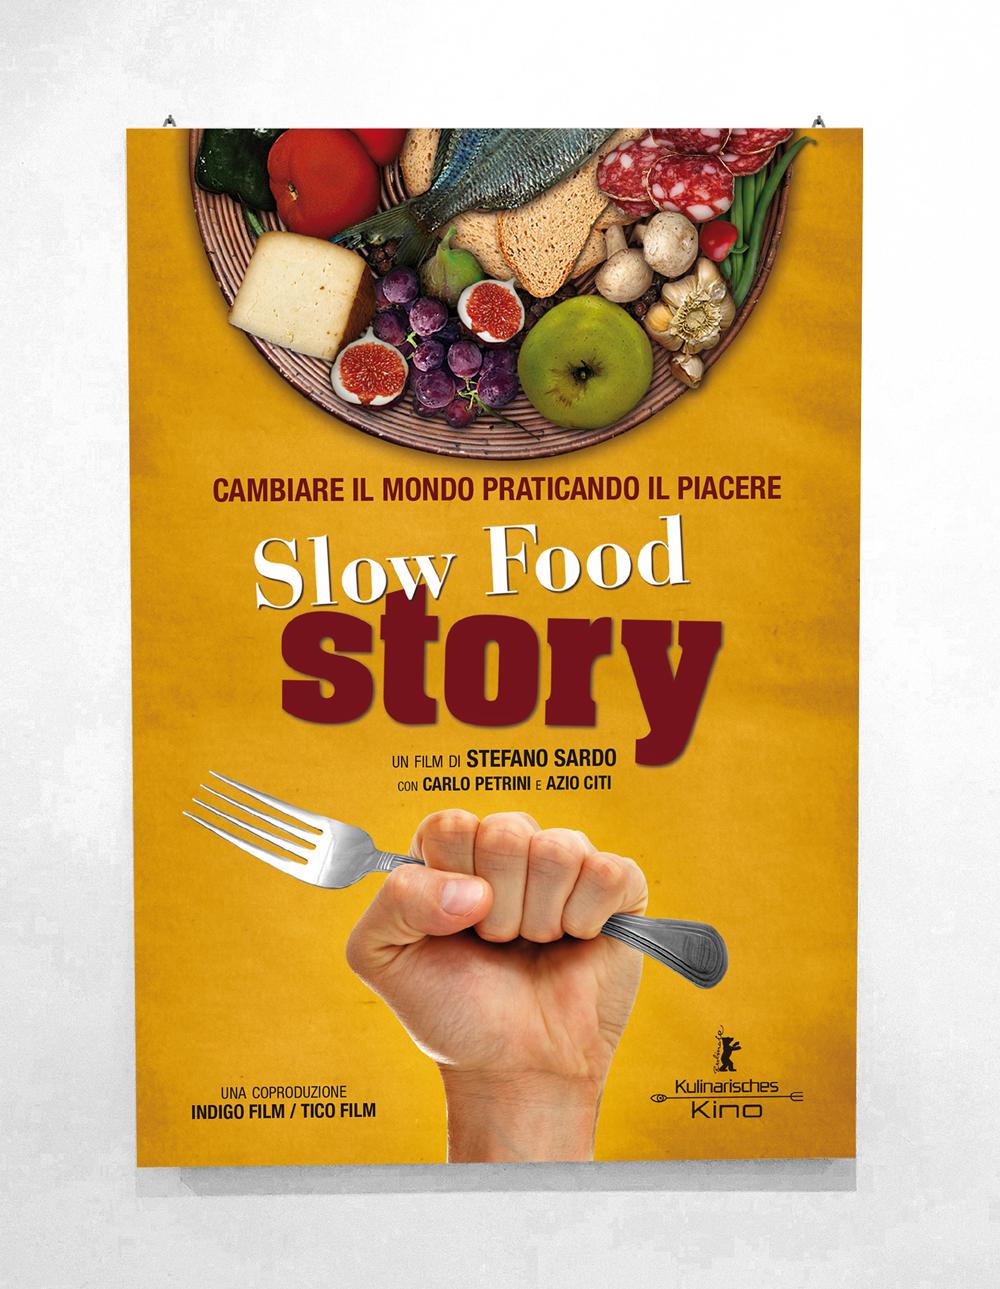 Slow Food Story un film di Stefano Sardo con Carlo Petrini